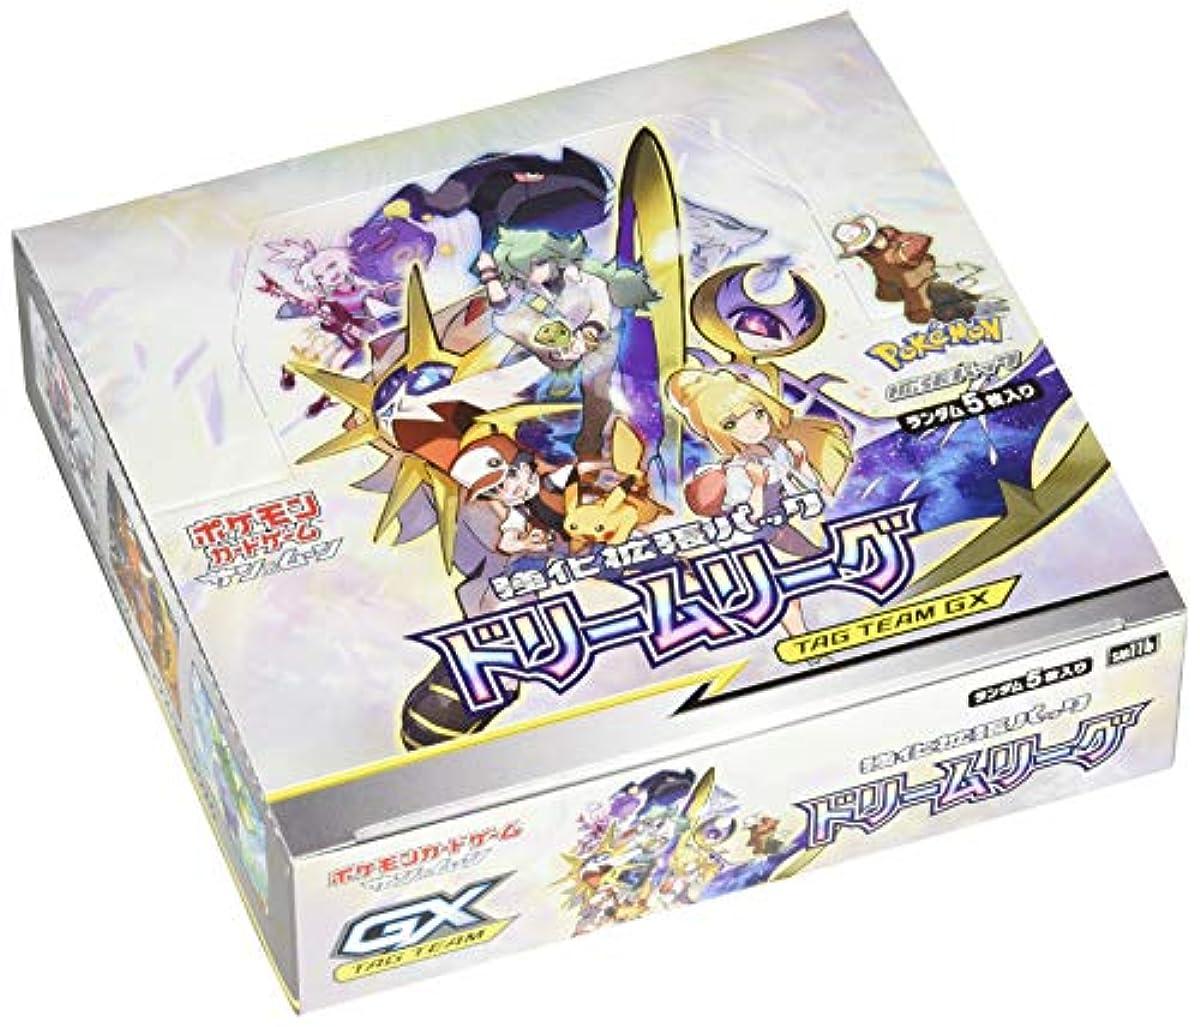 [해외] 포켓몬 카드 게임 산&문 강화 확장 팩 「드림 리그」 BOX